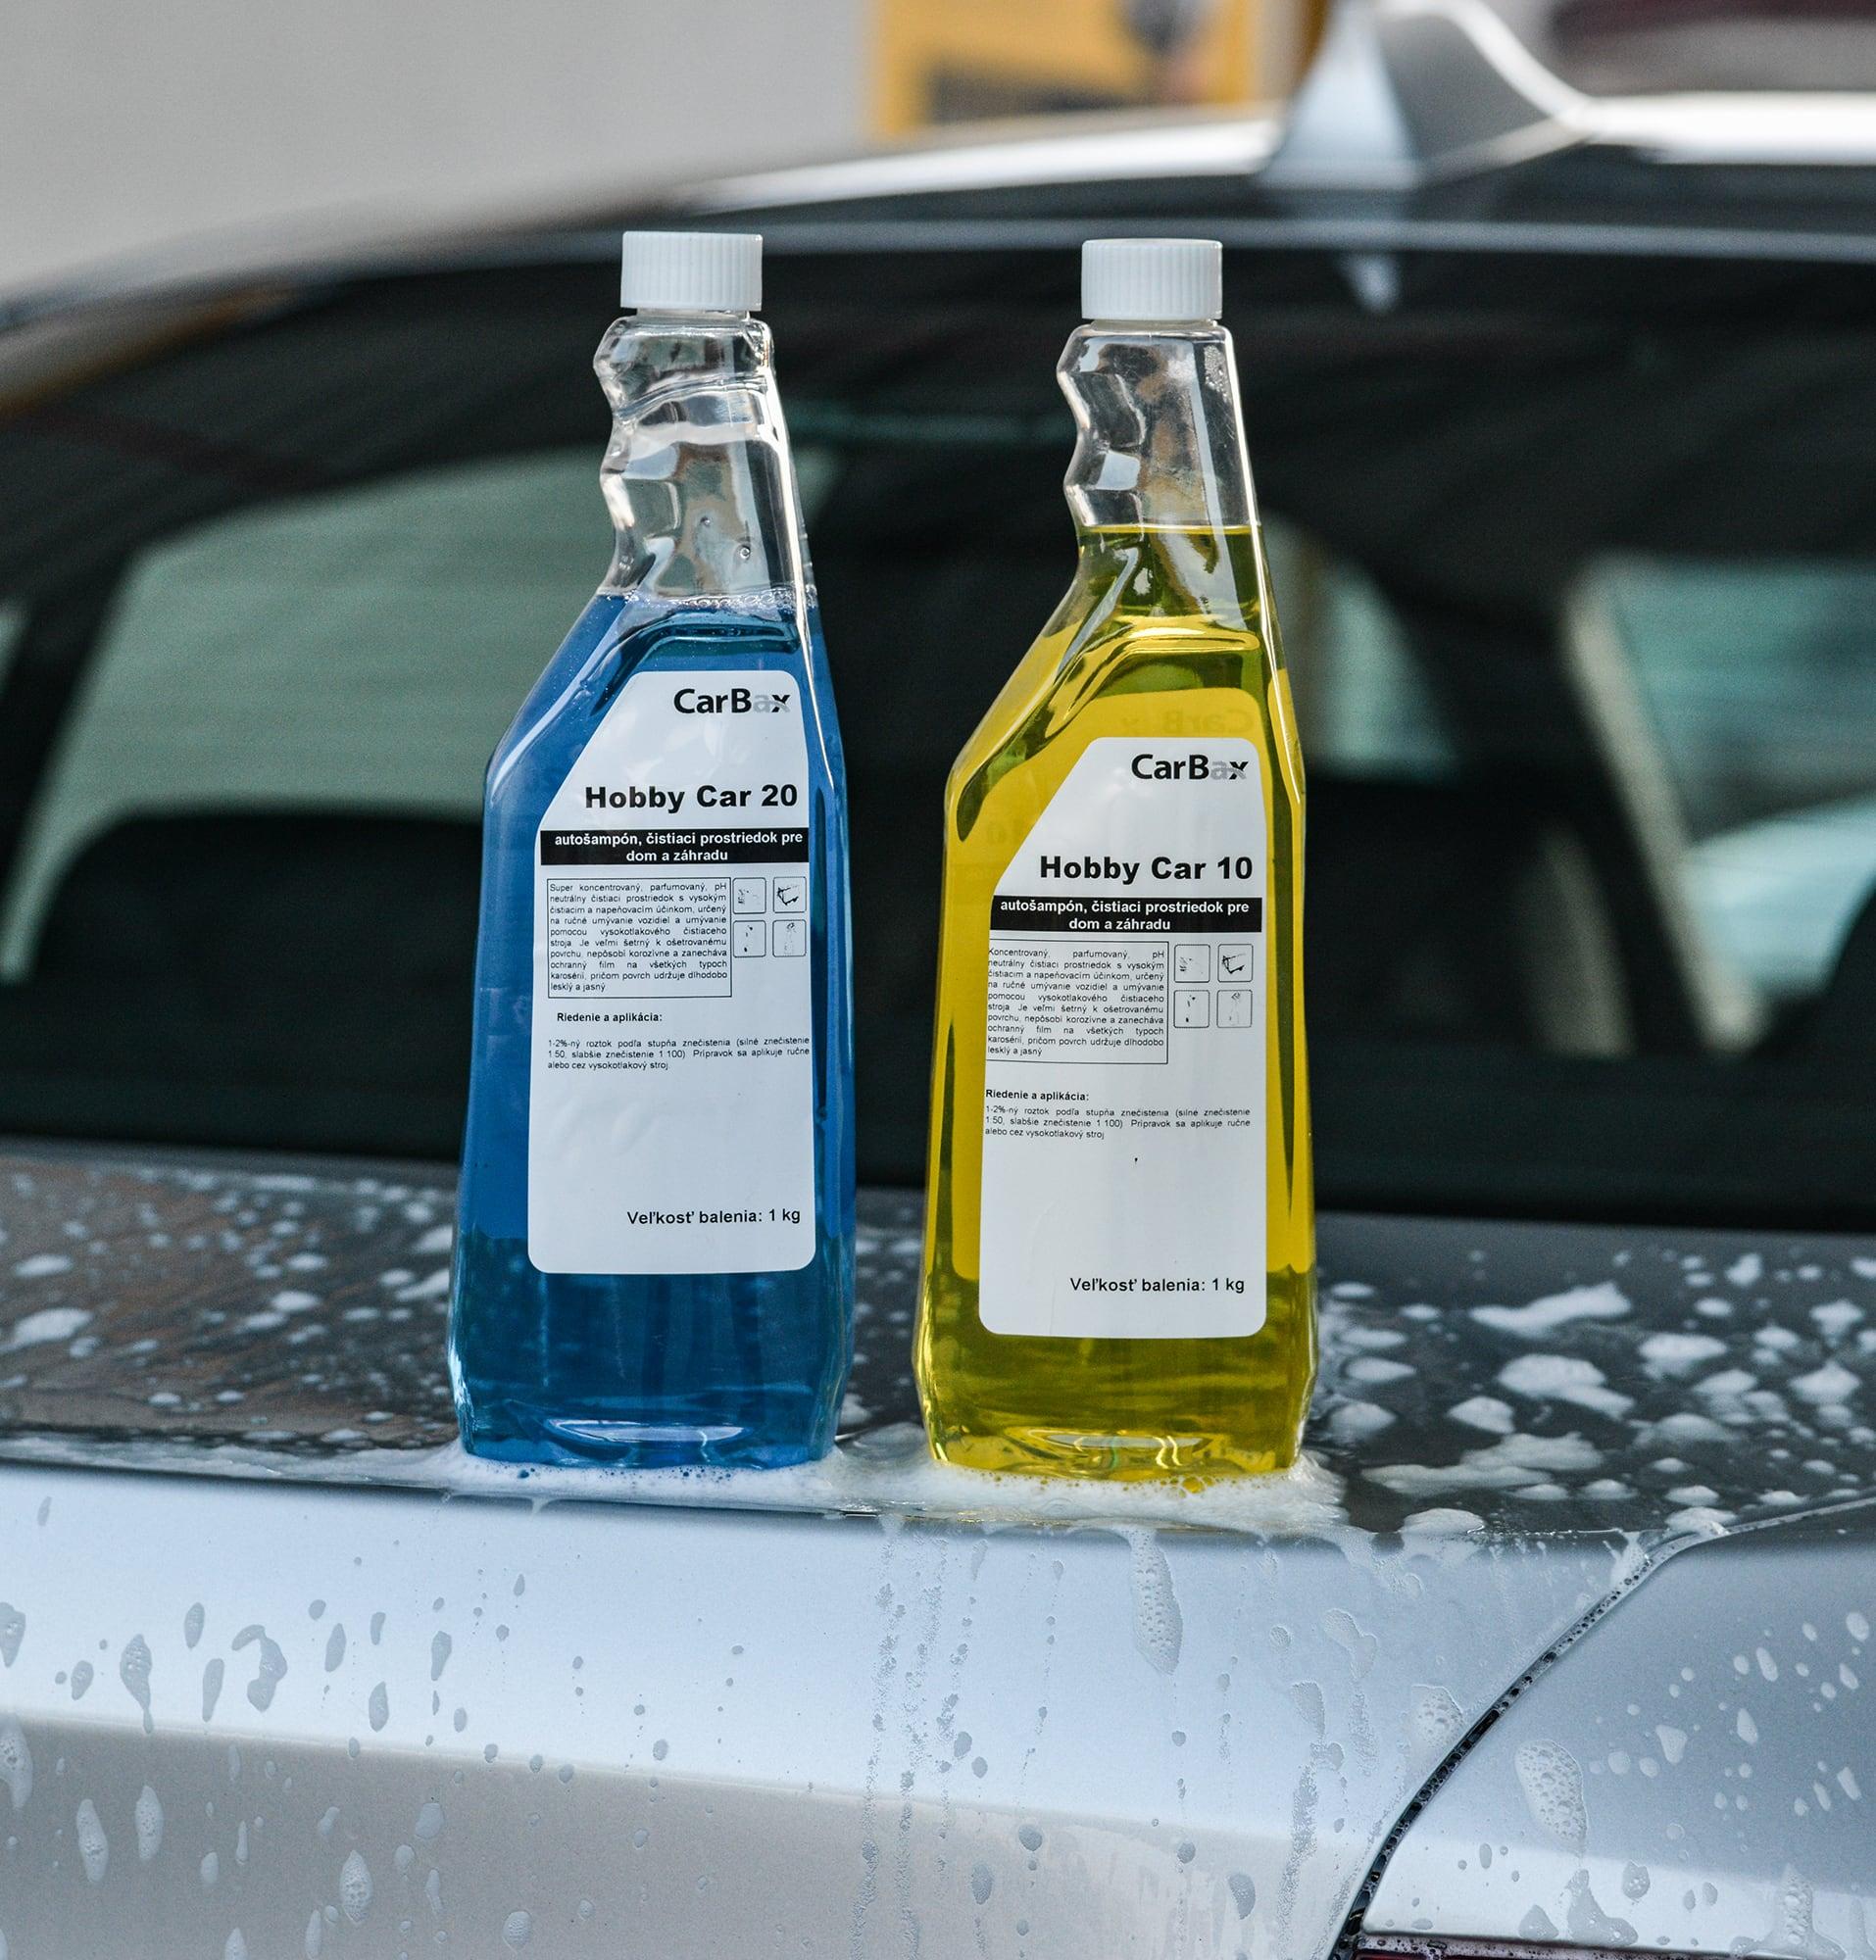 Hobby Car - Hobby Car 10 a Hobby Car 20 z rady Star Line predstavujú koncentrované parfumované čistiace prostriedoky s vysokým napeňovacím a čistiacim účinkom. Sú určený na umývanie karosérie ručne, alebo pomocou vysokotlakového stroja. Svojimi vlastnosťami sú veľmi šetrné k povrchu karosérie, nepôsobia korozívne a vytvárajú ochranný film, ktorý udržuje povrch dlhodobo lesklý a jasný.